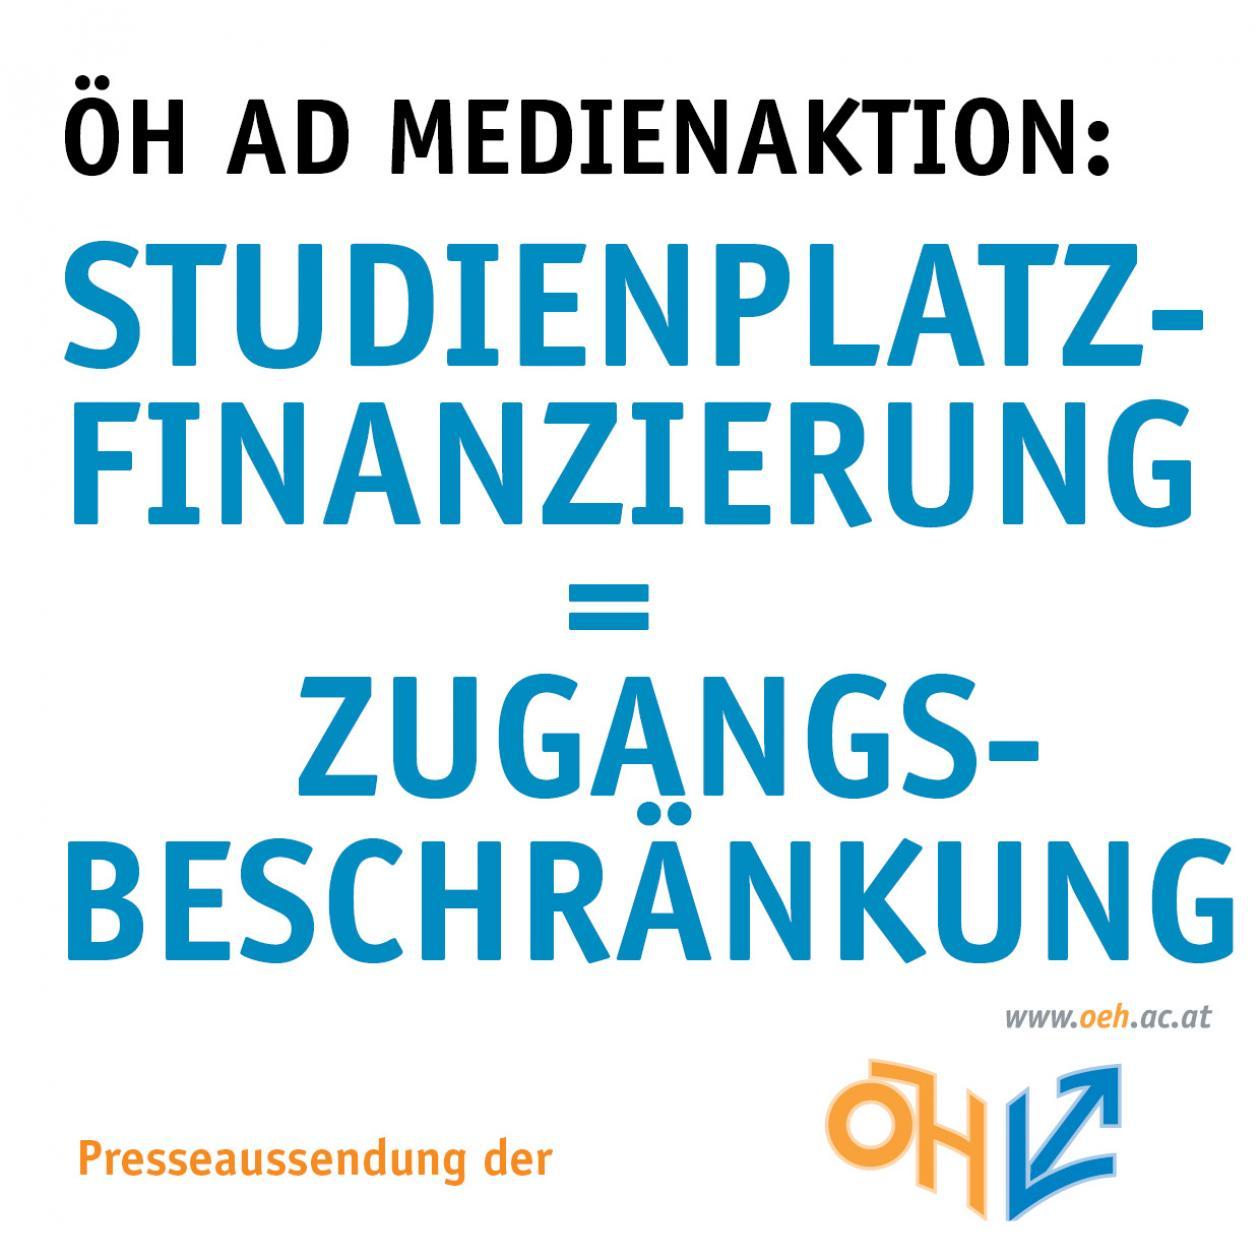 ÖH ad Medienaktion: Studienplatzfinanzierung = Zugangsbeschränkung